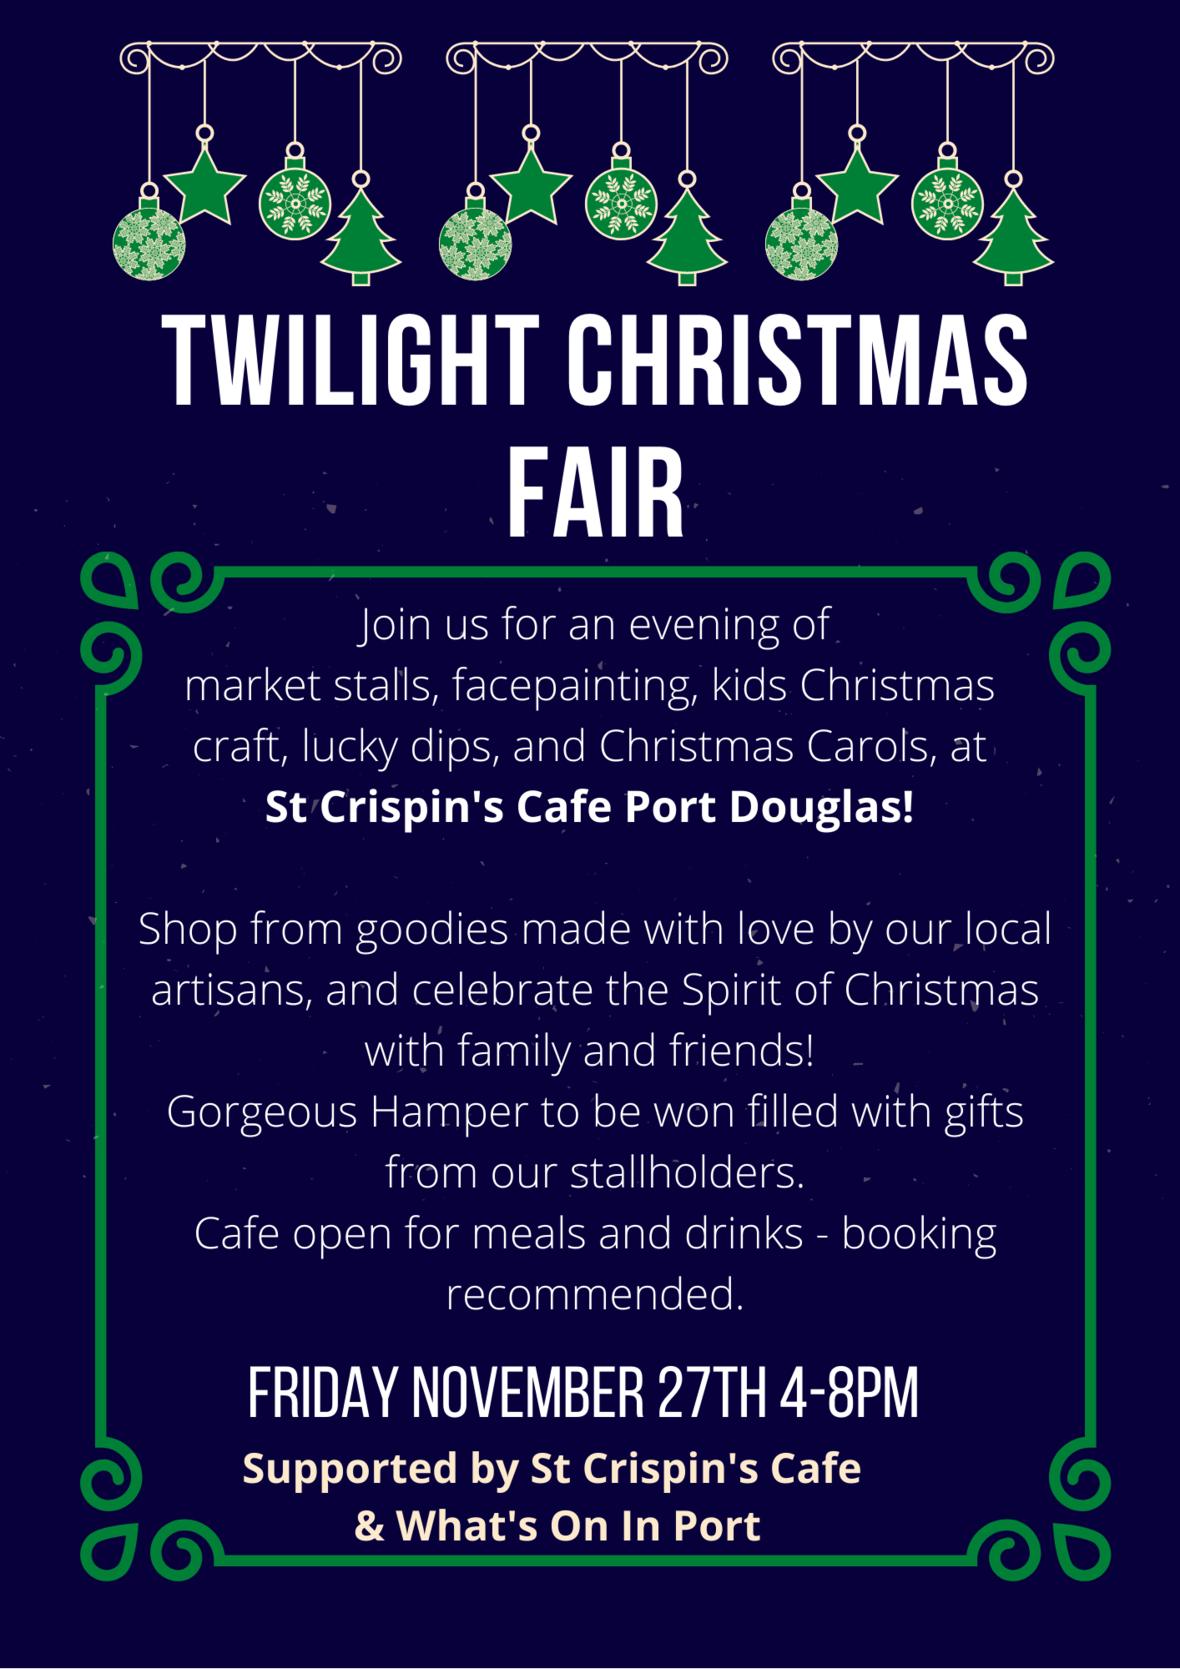 Twilight Christmas Fair poster